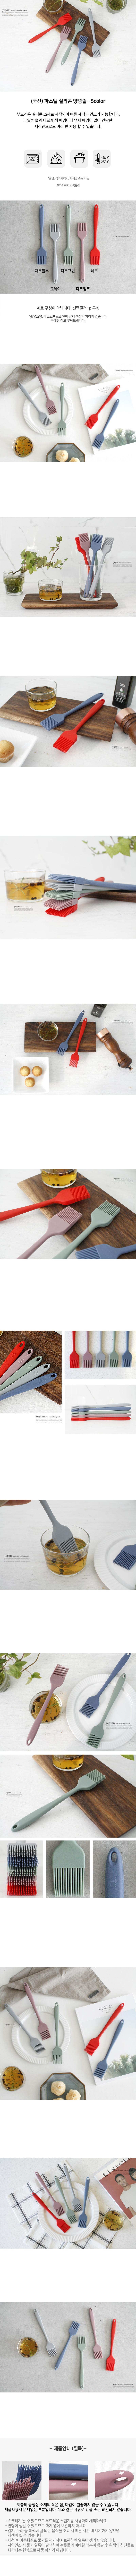 (국산) 파스텔 실리콘 양념솔(김솔) - 5color 3,200원-체리하우스주방/푸드, 조리도구/기구, 조리도구, 양념솔/브러쉬바보사랑 (국산) 파스텔 실리콘 양념솔(김솔) - 5color 3,200원-체리하우스주방/푸드, 조리도구/기구, 조리도구, 양념솔/브러쉬바보사랑